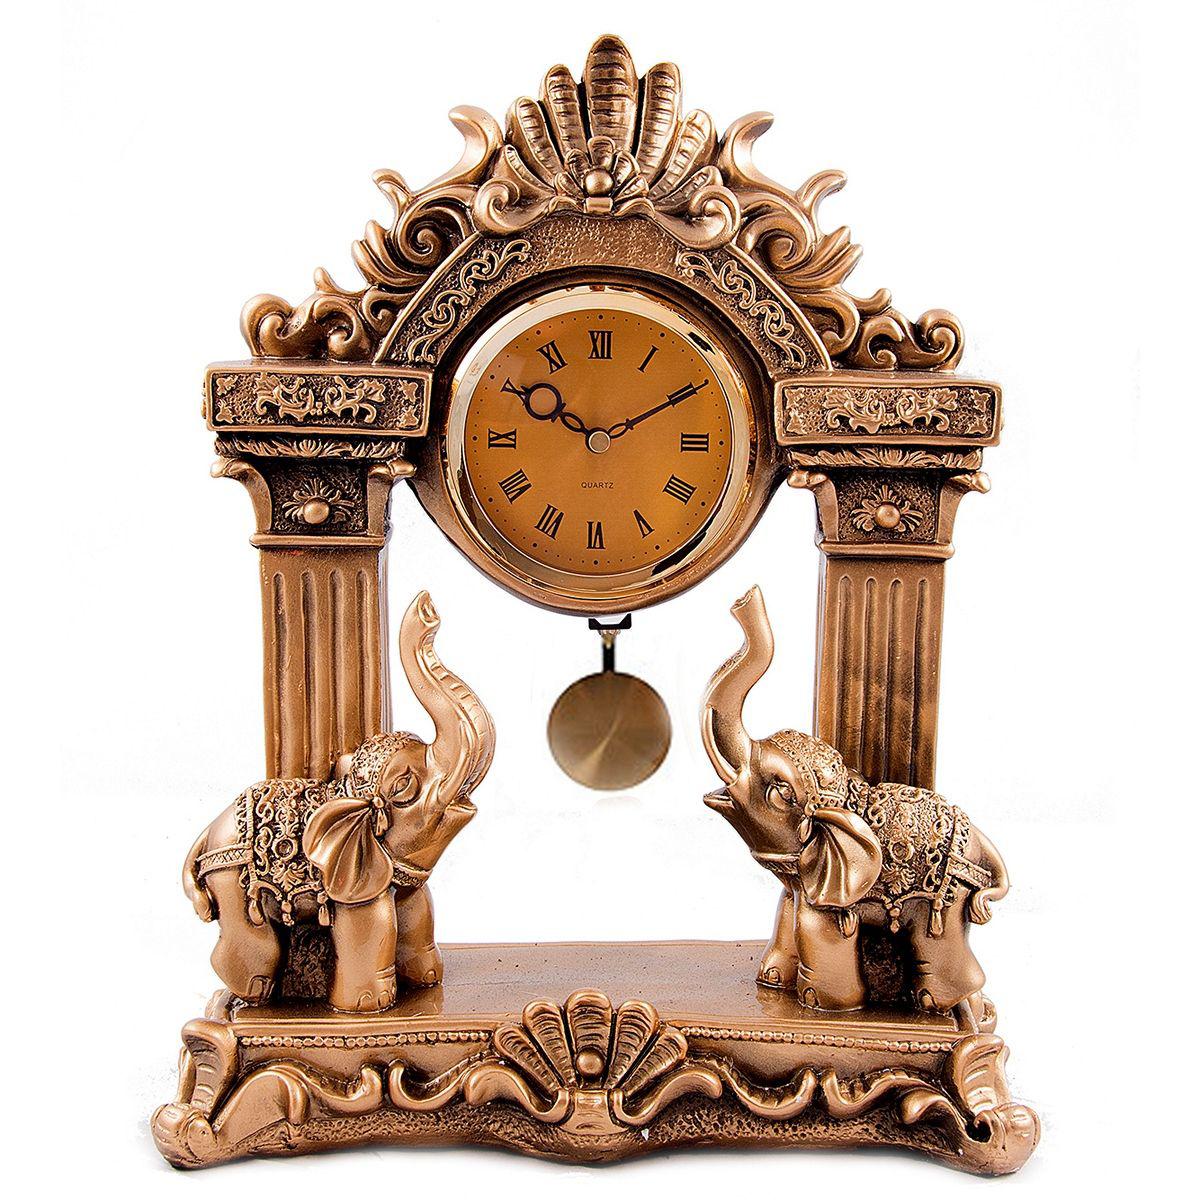 Часы настольные Русские Подарки Слоны, 30 х 13 х 37 см. 5933359333Настольные часы Русские подарки Слоны - очень оригинальные и стильные настольные часы. Корпус выполнен из полистоуна. Они прекрасно впишутся практически в любой интерьер и станут превосходным украшением вашей комнаты. Это красивый и практичный подарок на любое торжество для родных и близких.